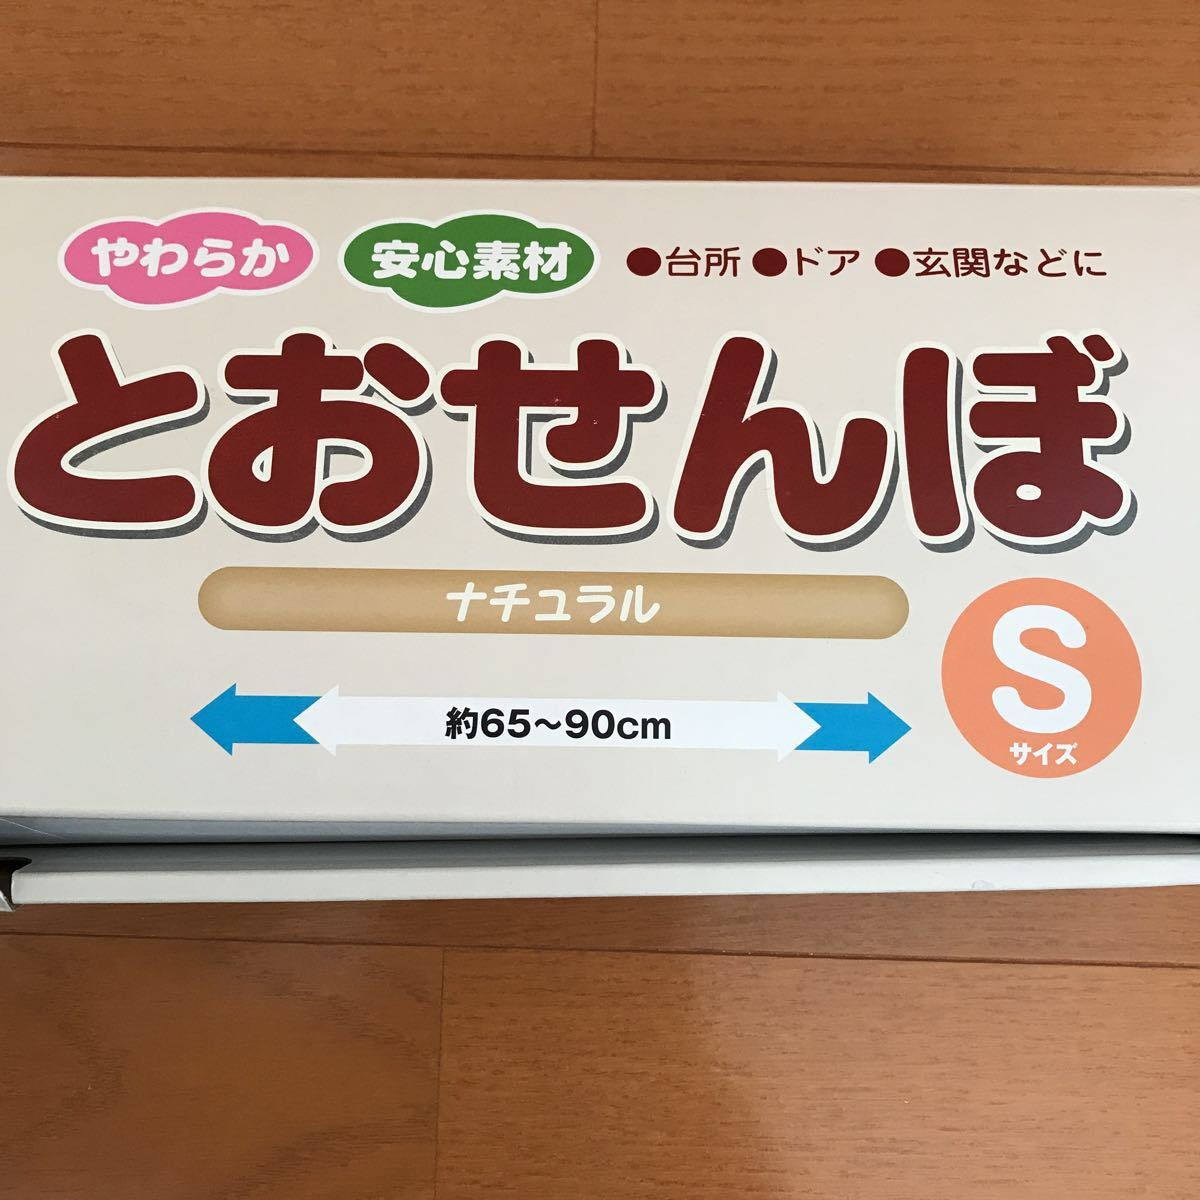 とおせんぼ Sサイズ ナチュラル 日本育児 ベビーゲート_画像2